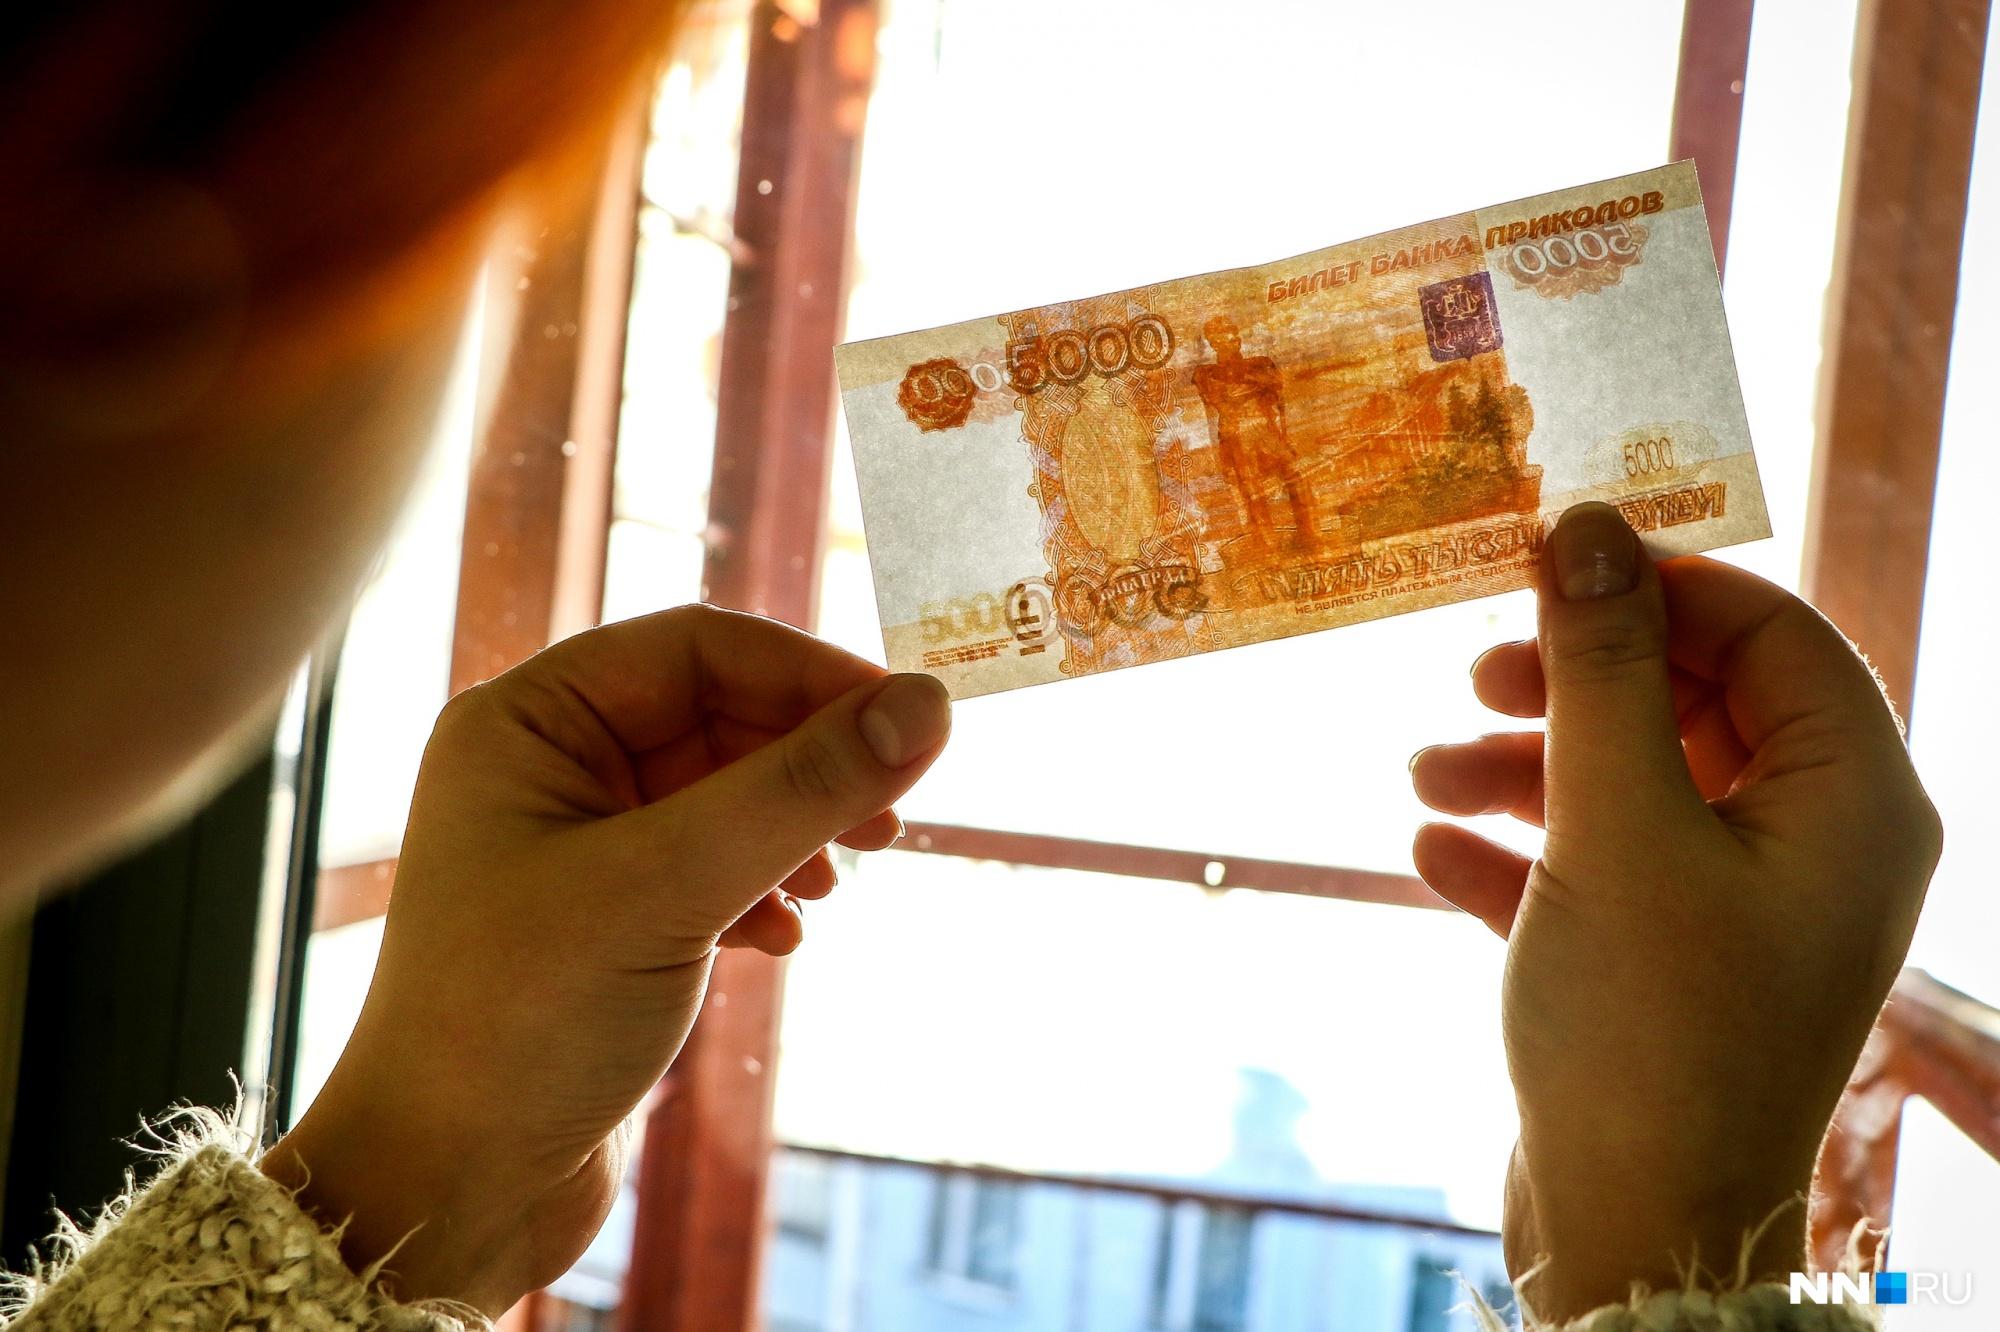 Что делать с фальшивыми деньгами, рассказали банкиры